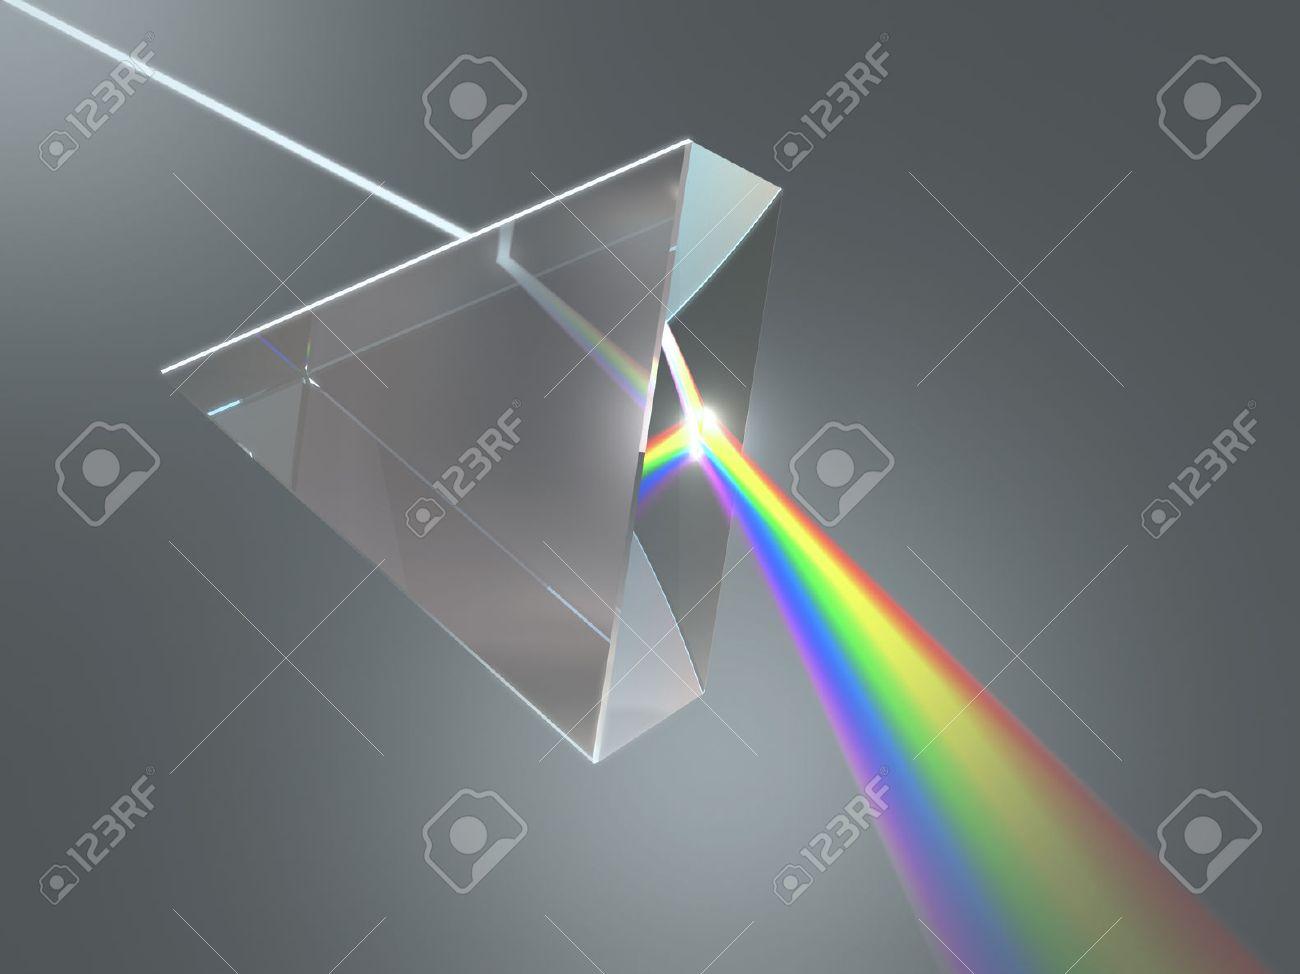 el prisma de cristal dispersa la luz blanca en los varios colores foto de archivo